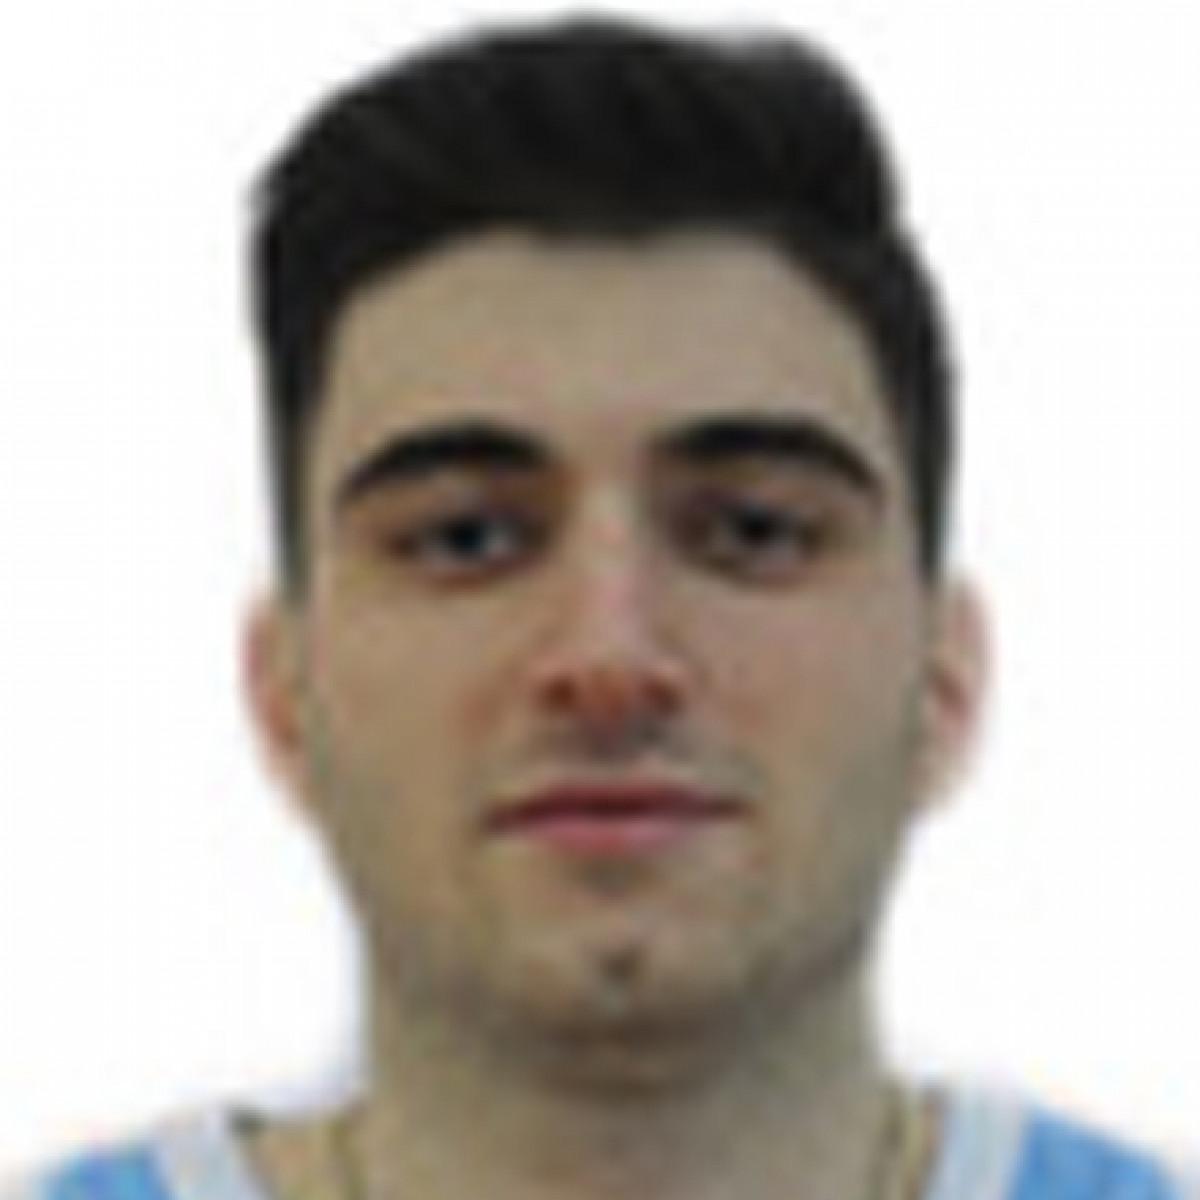 Erekle Lortqifanidze